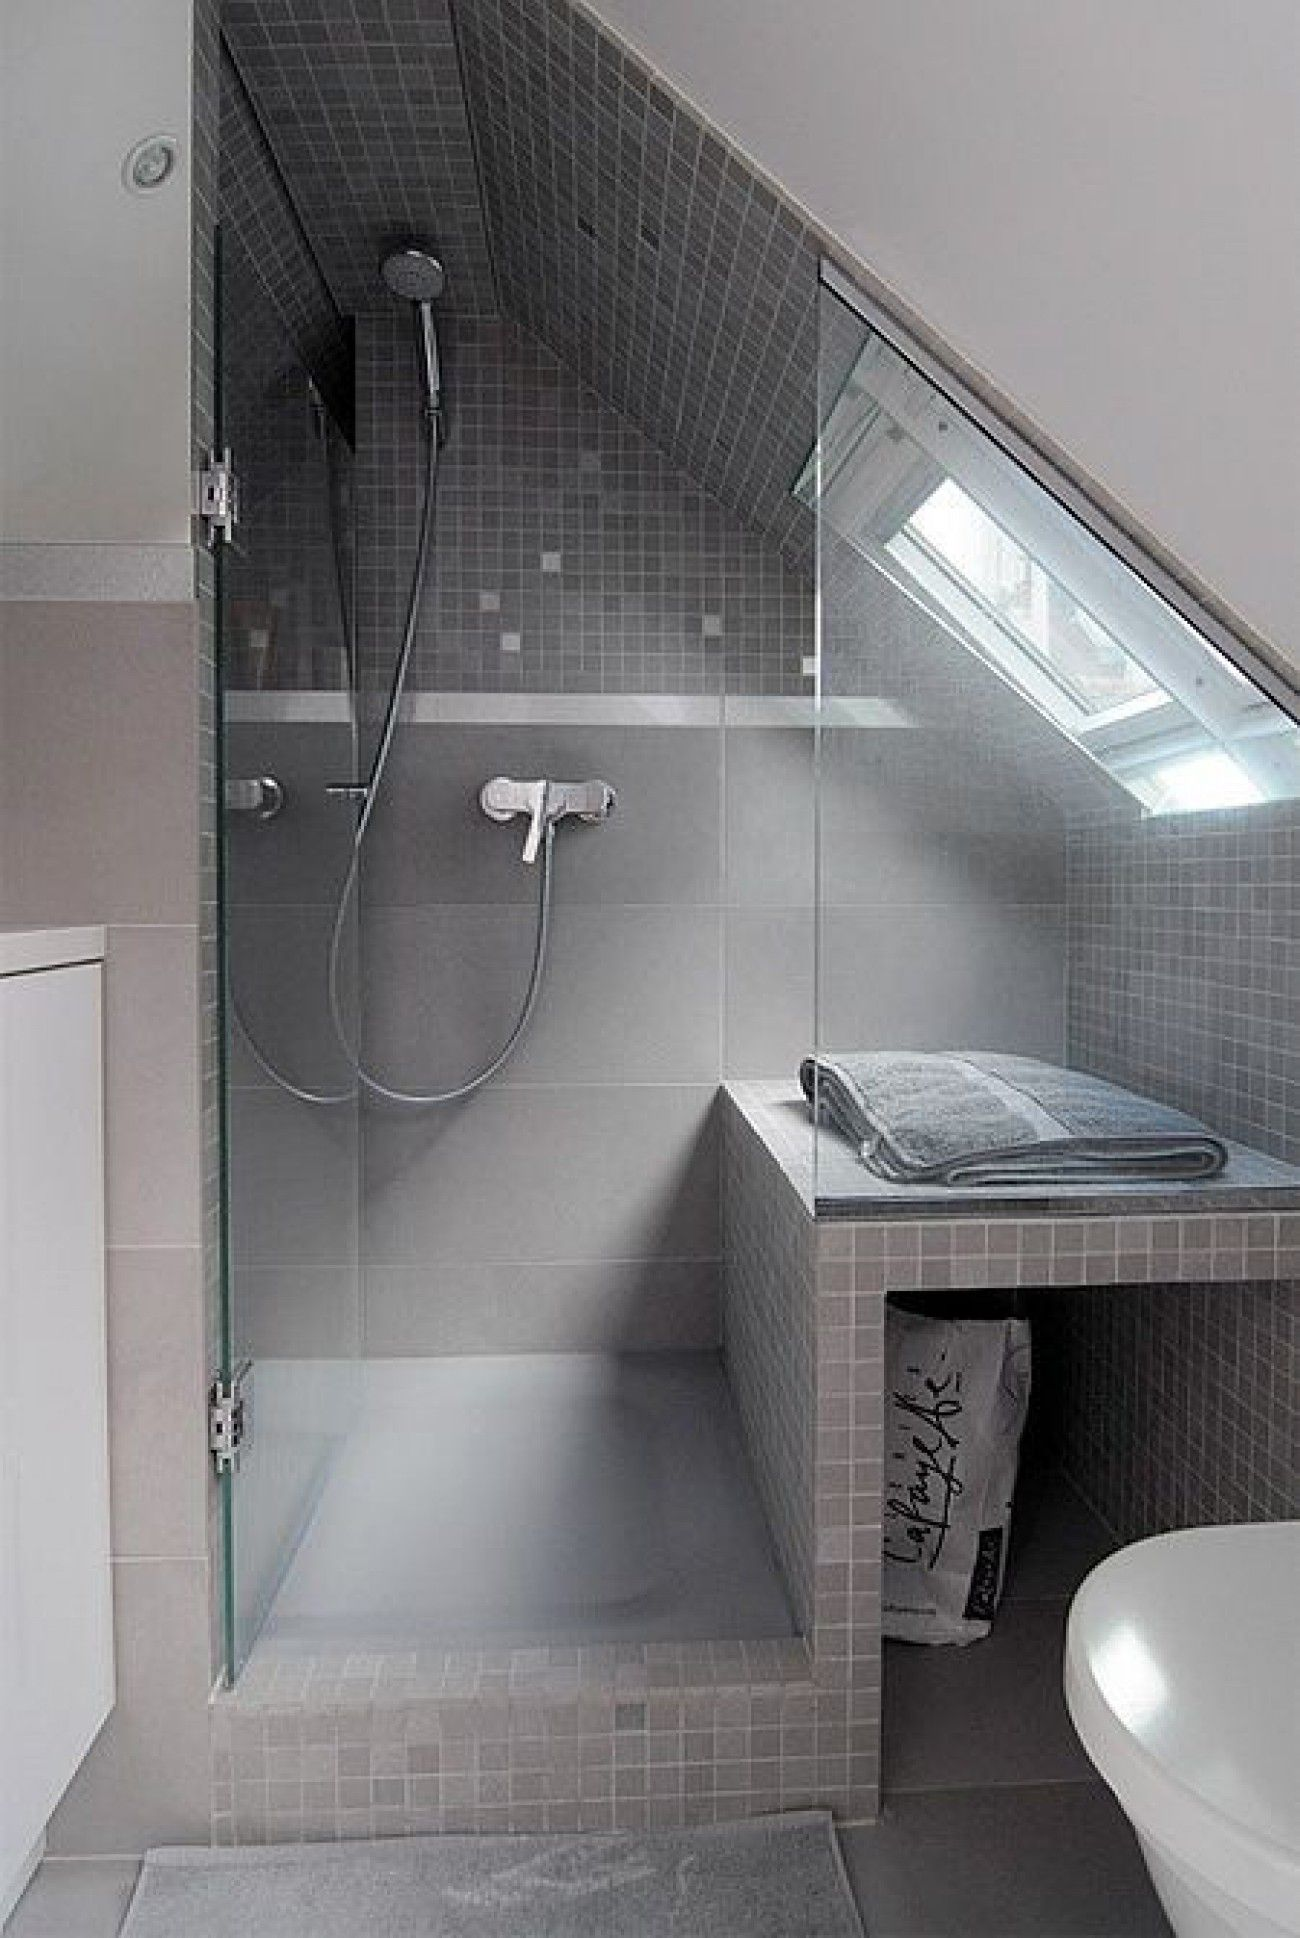 Klasse Einteilung Fur Ein Kleines Badezimmer Mit Dachschrage